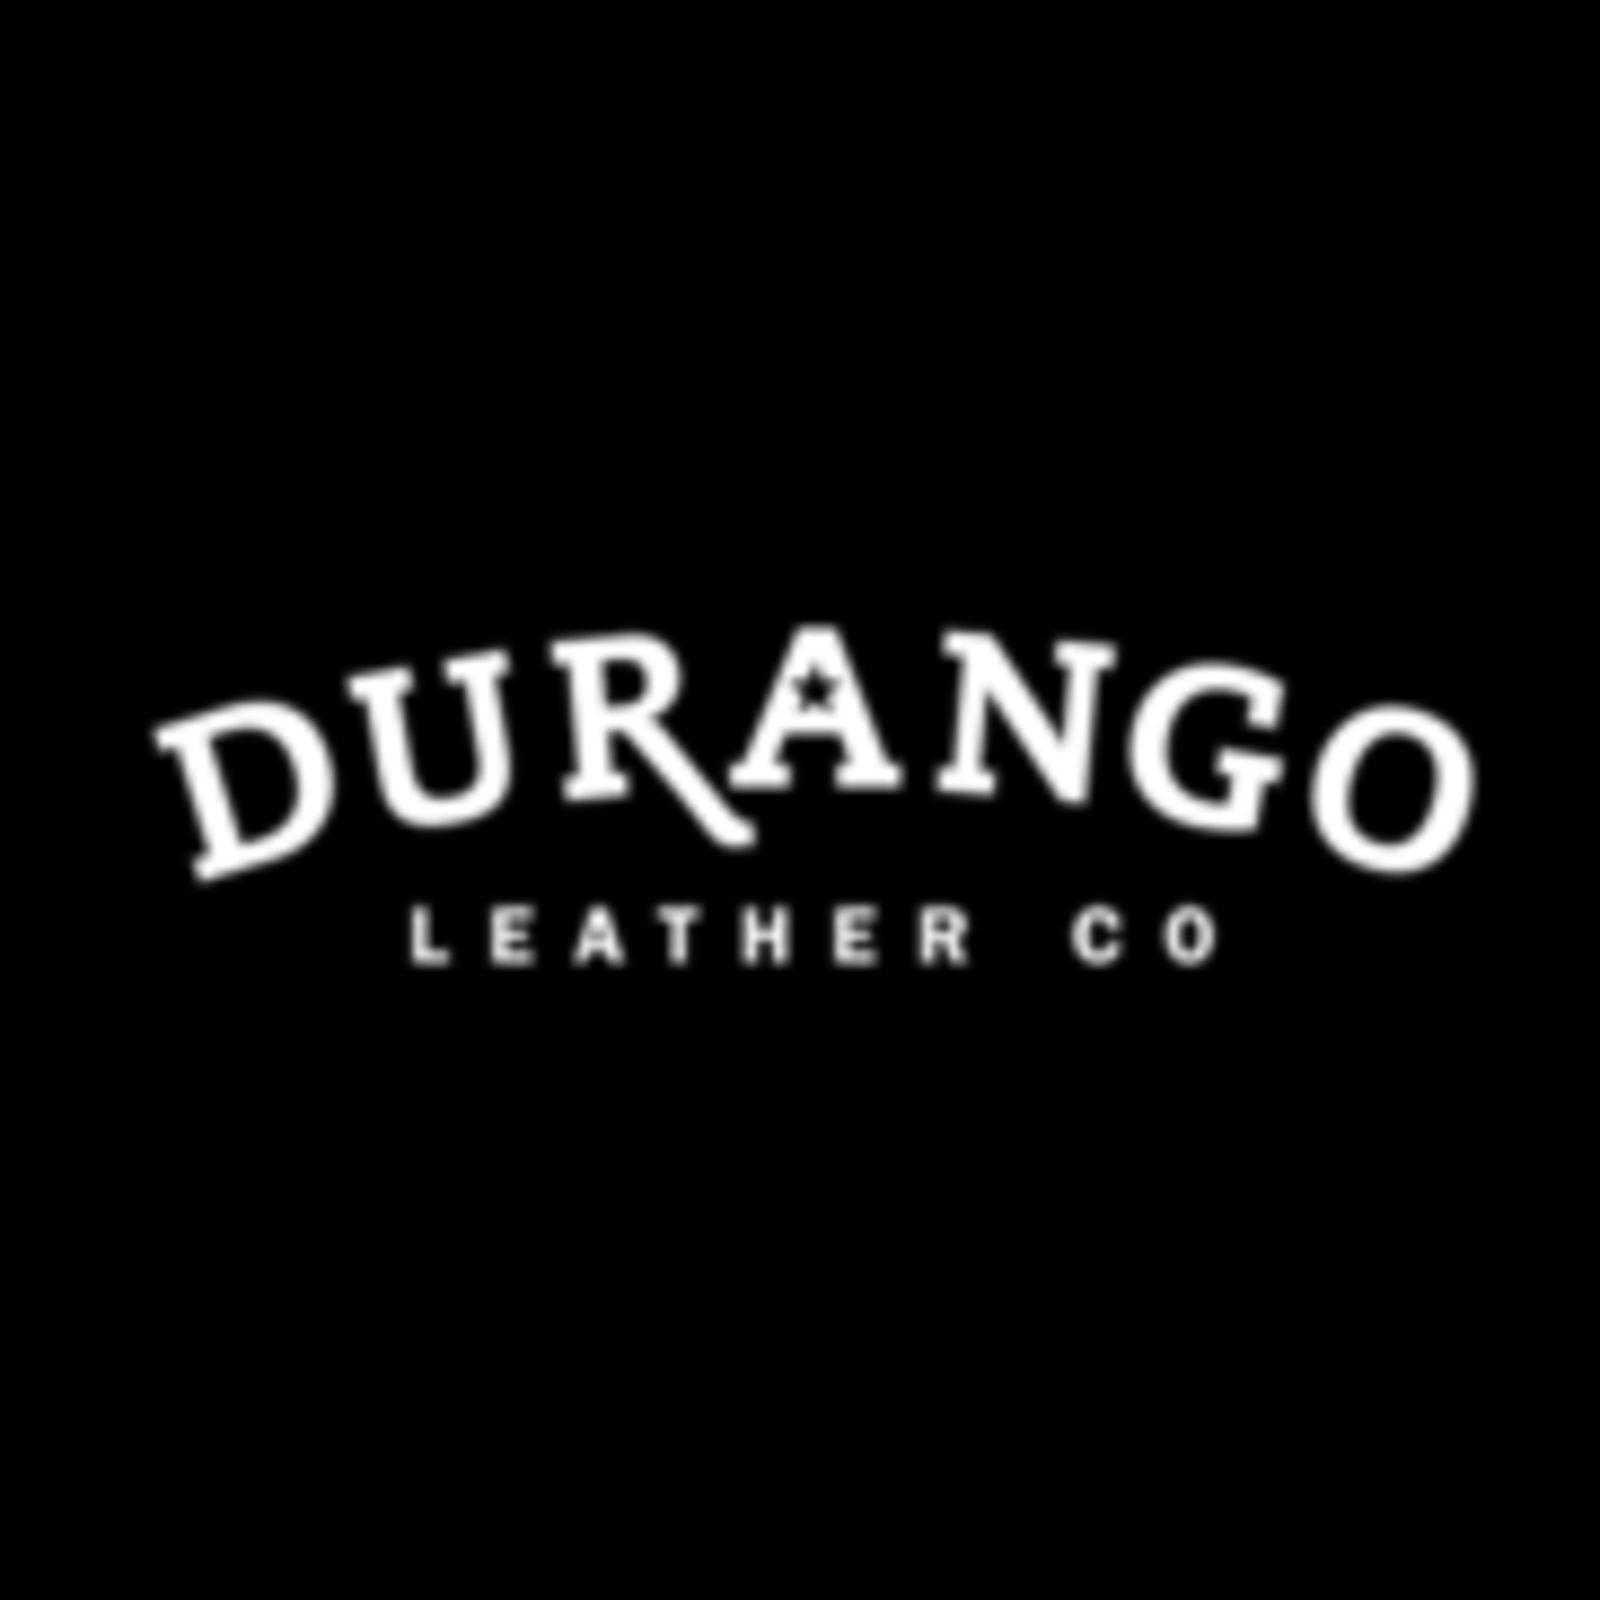 DURANGO LEATHER CO.